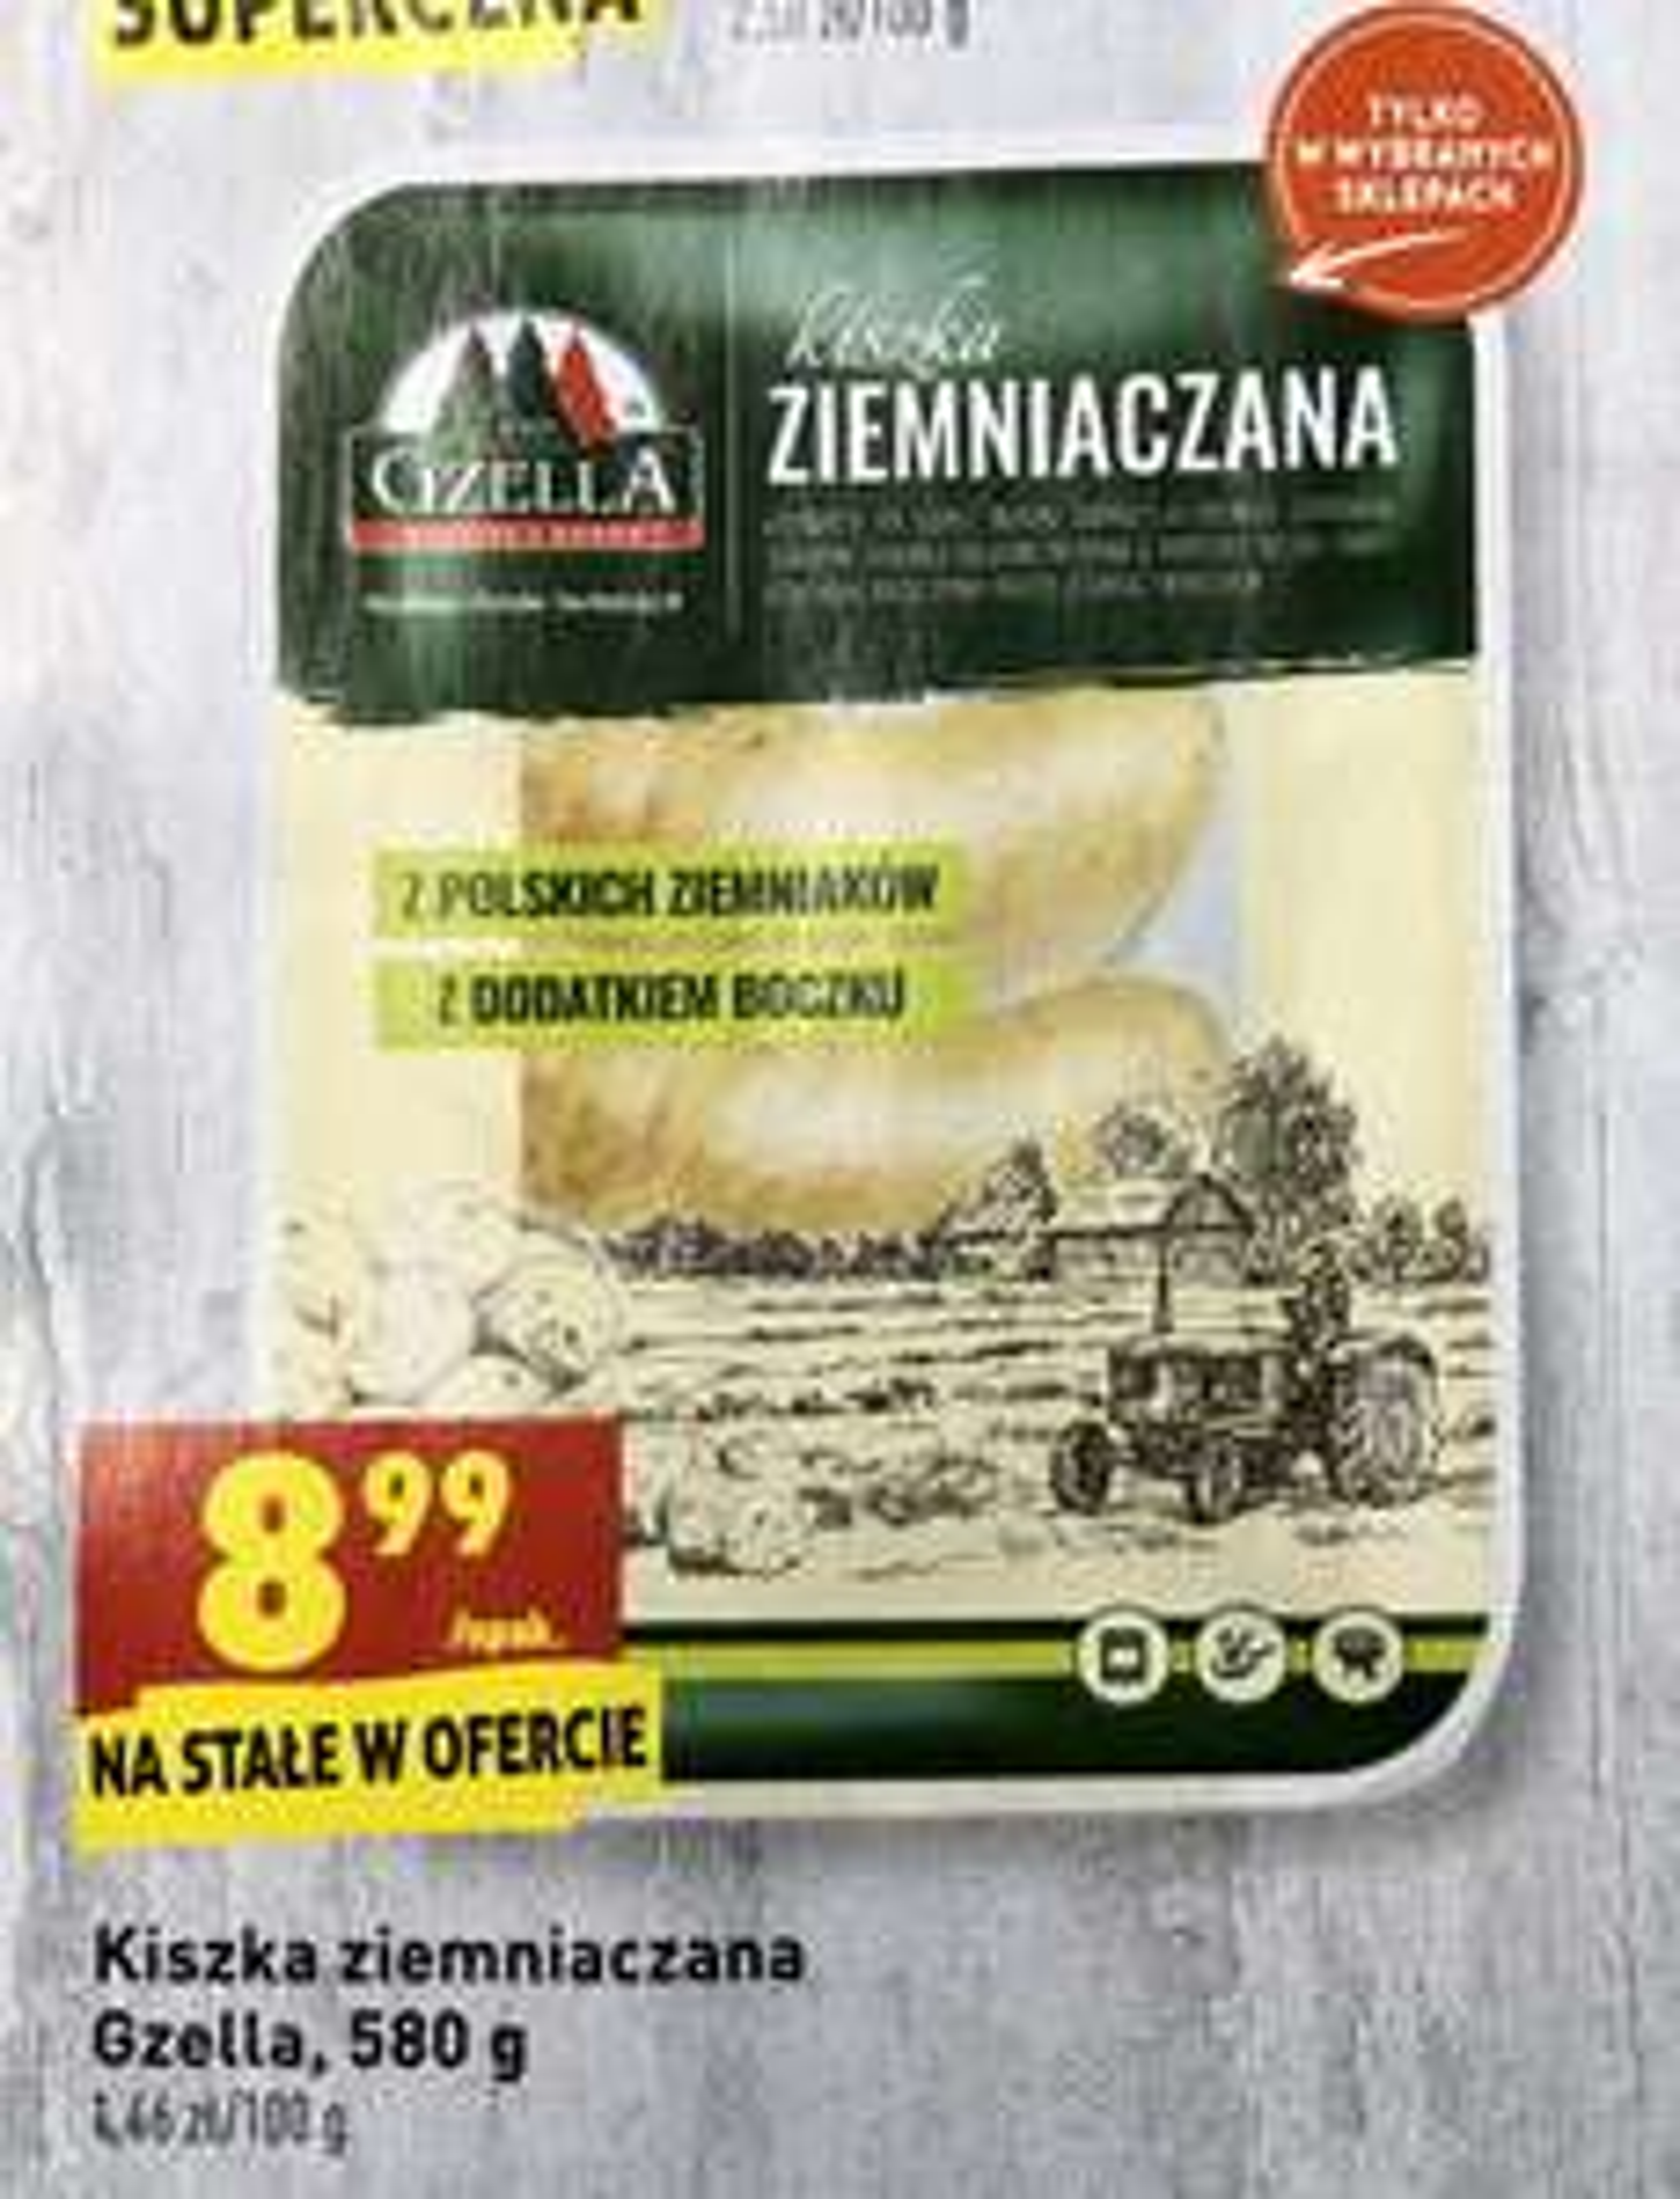 Kiszka ziemniaczana Gzella w Biedronce